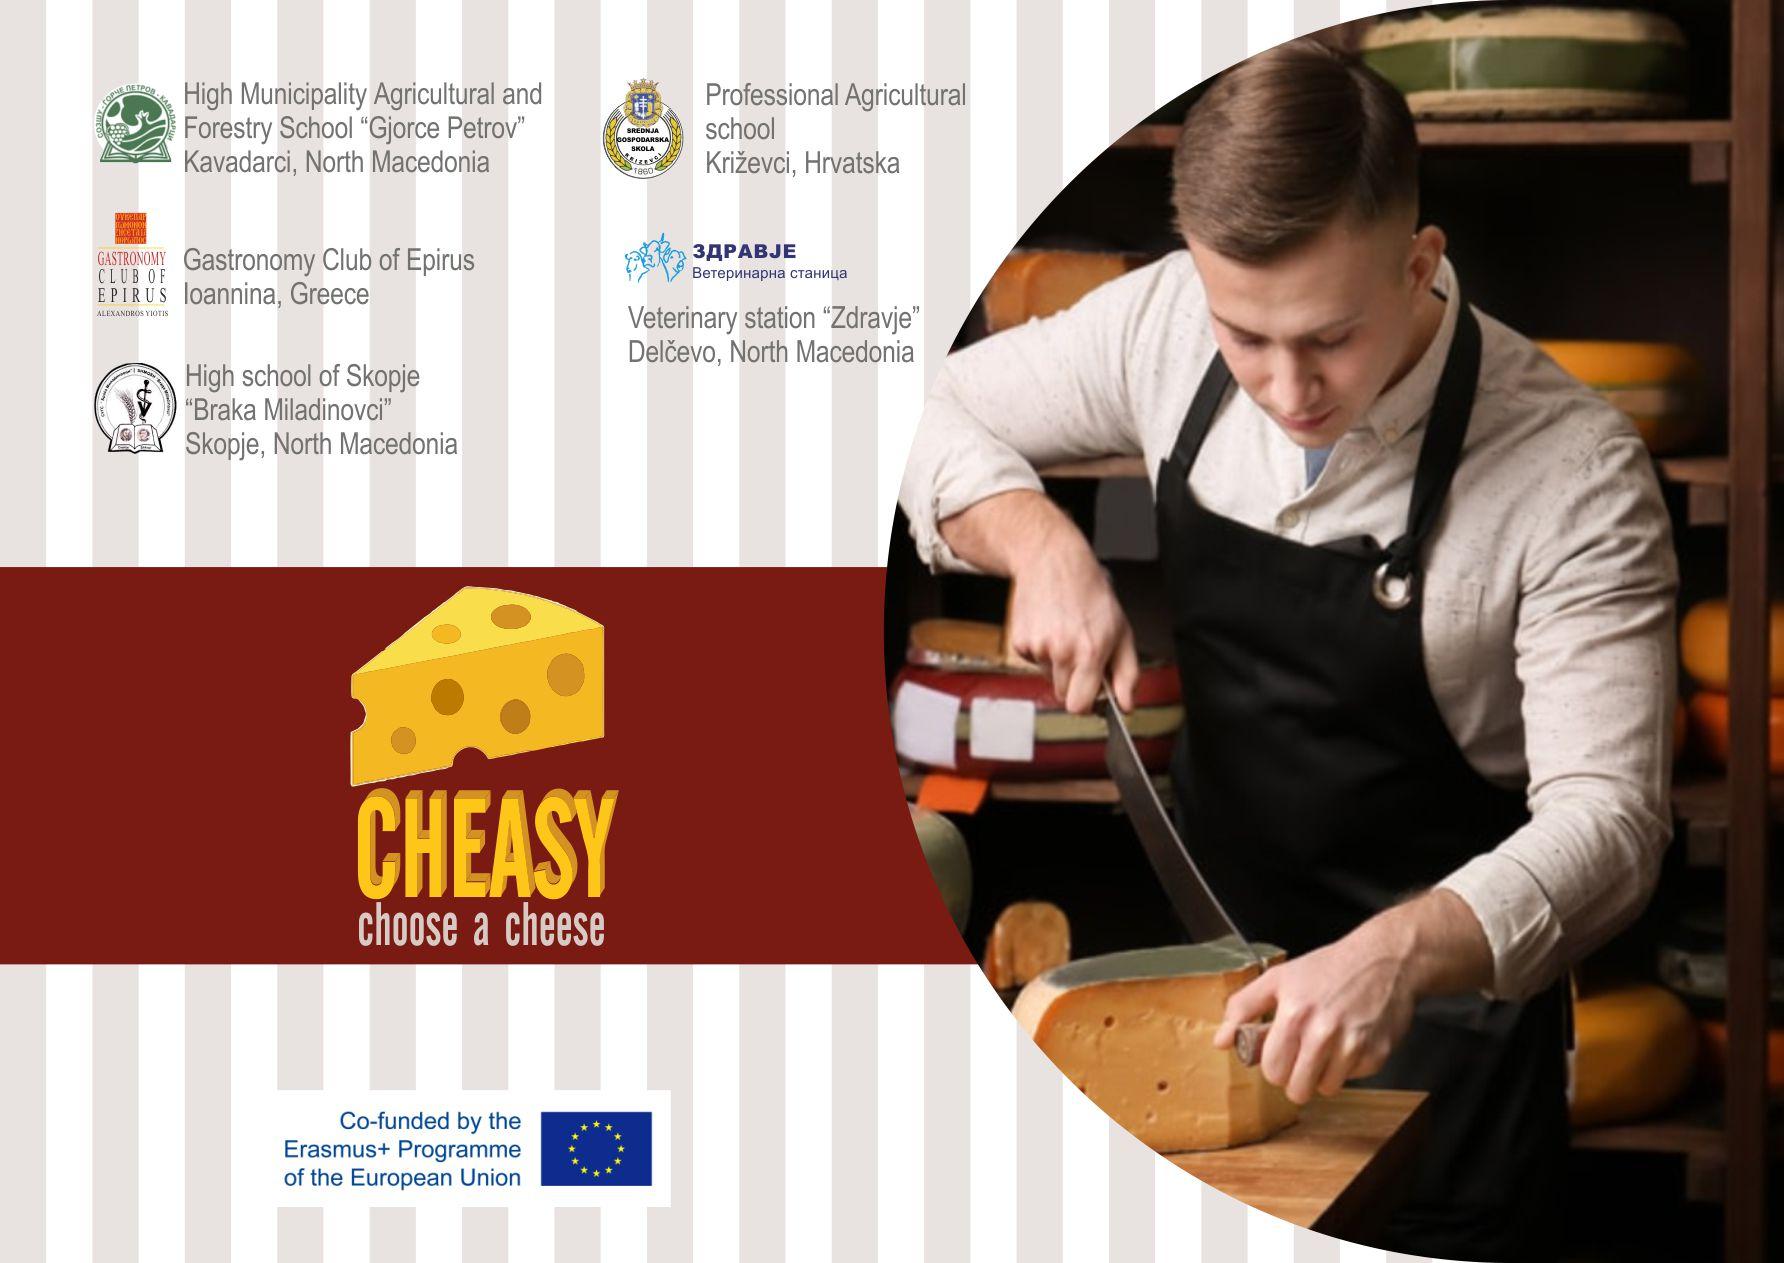 Εκπαιδευτικό σεμινάριο για την παραγωγή και εμπορική αξιοποίηση του τυριού